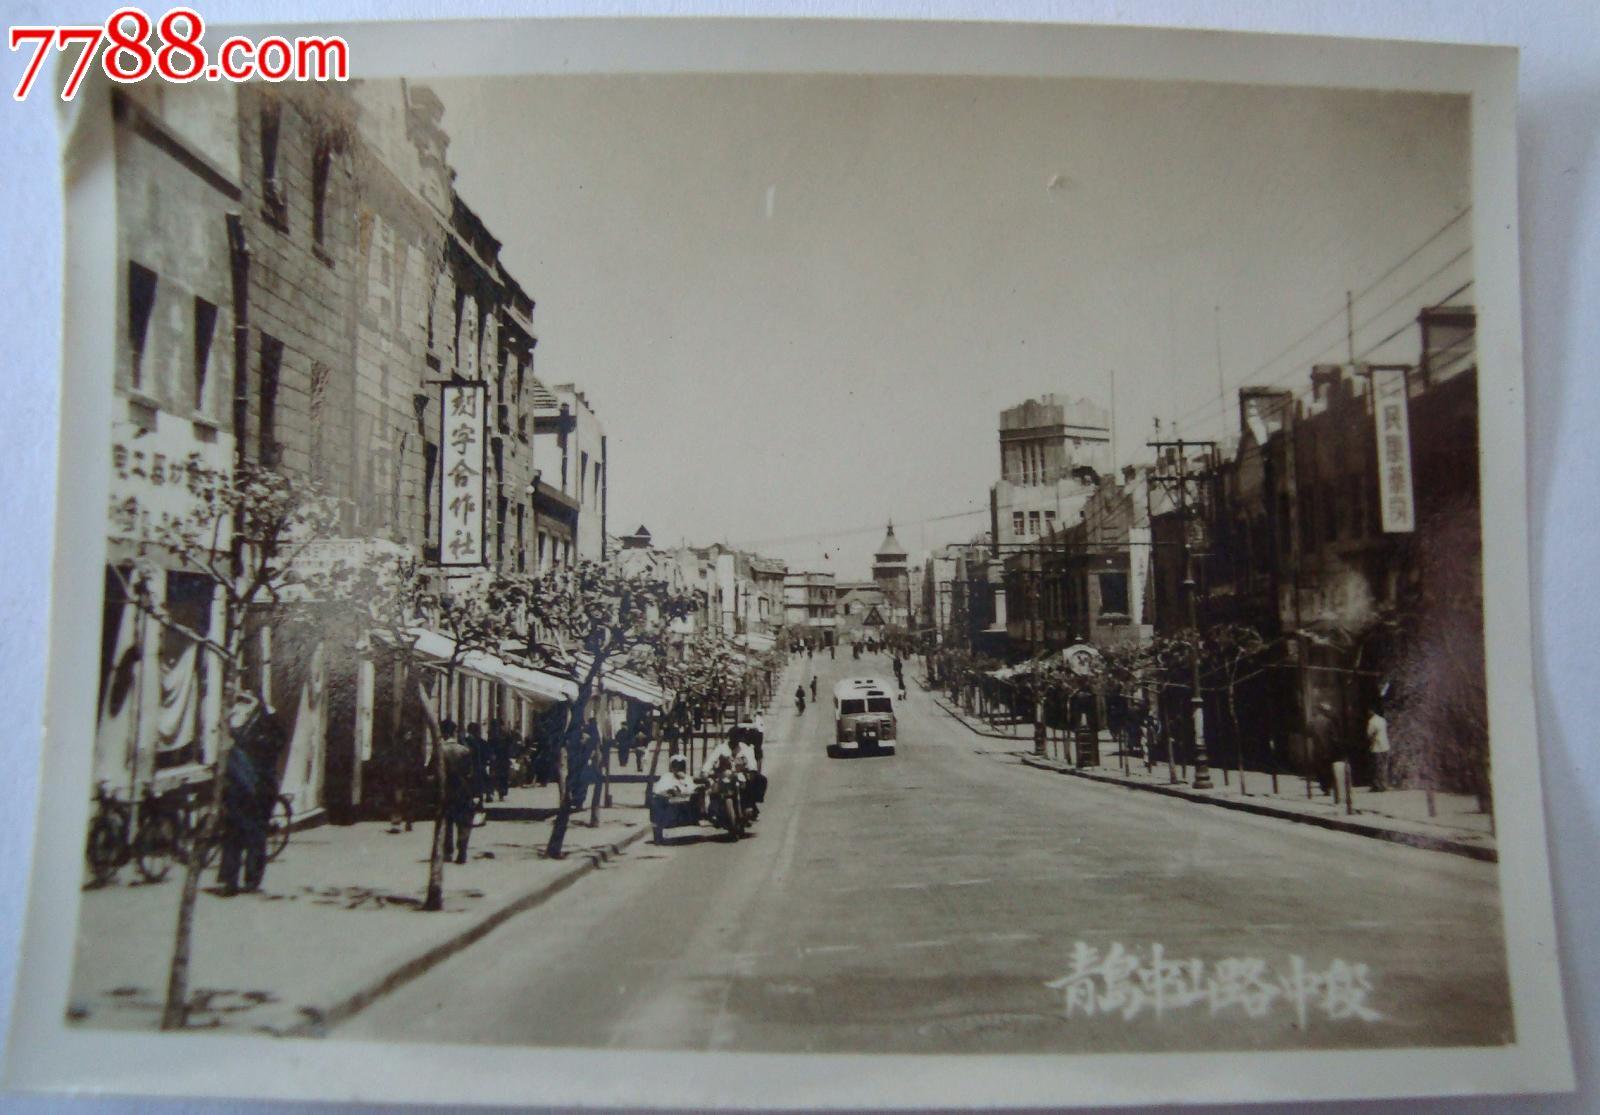 五十年代青岛中山路中段_老照片_胶澳收藏【7788收藏